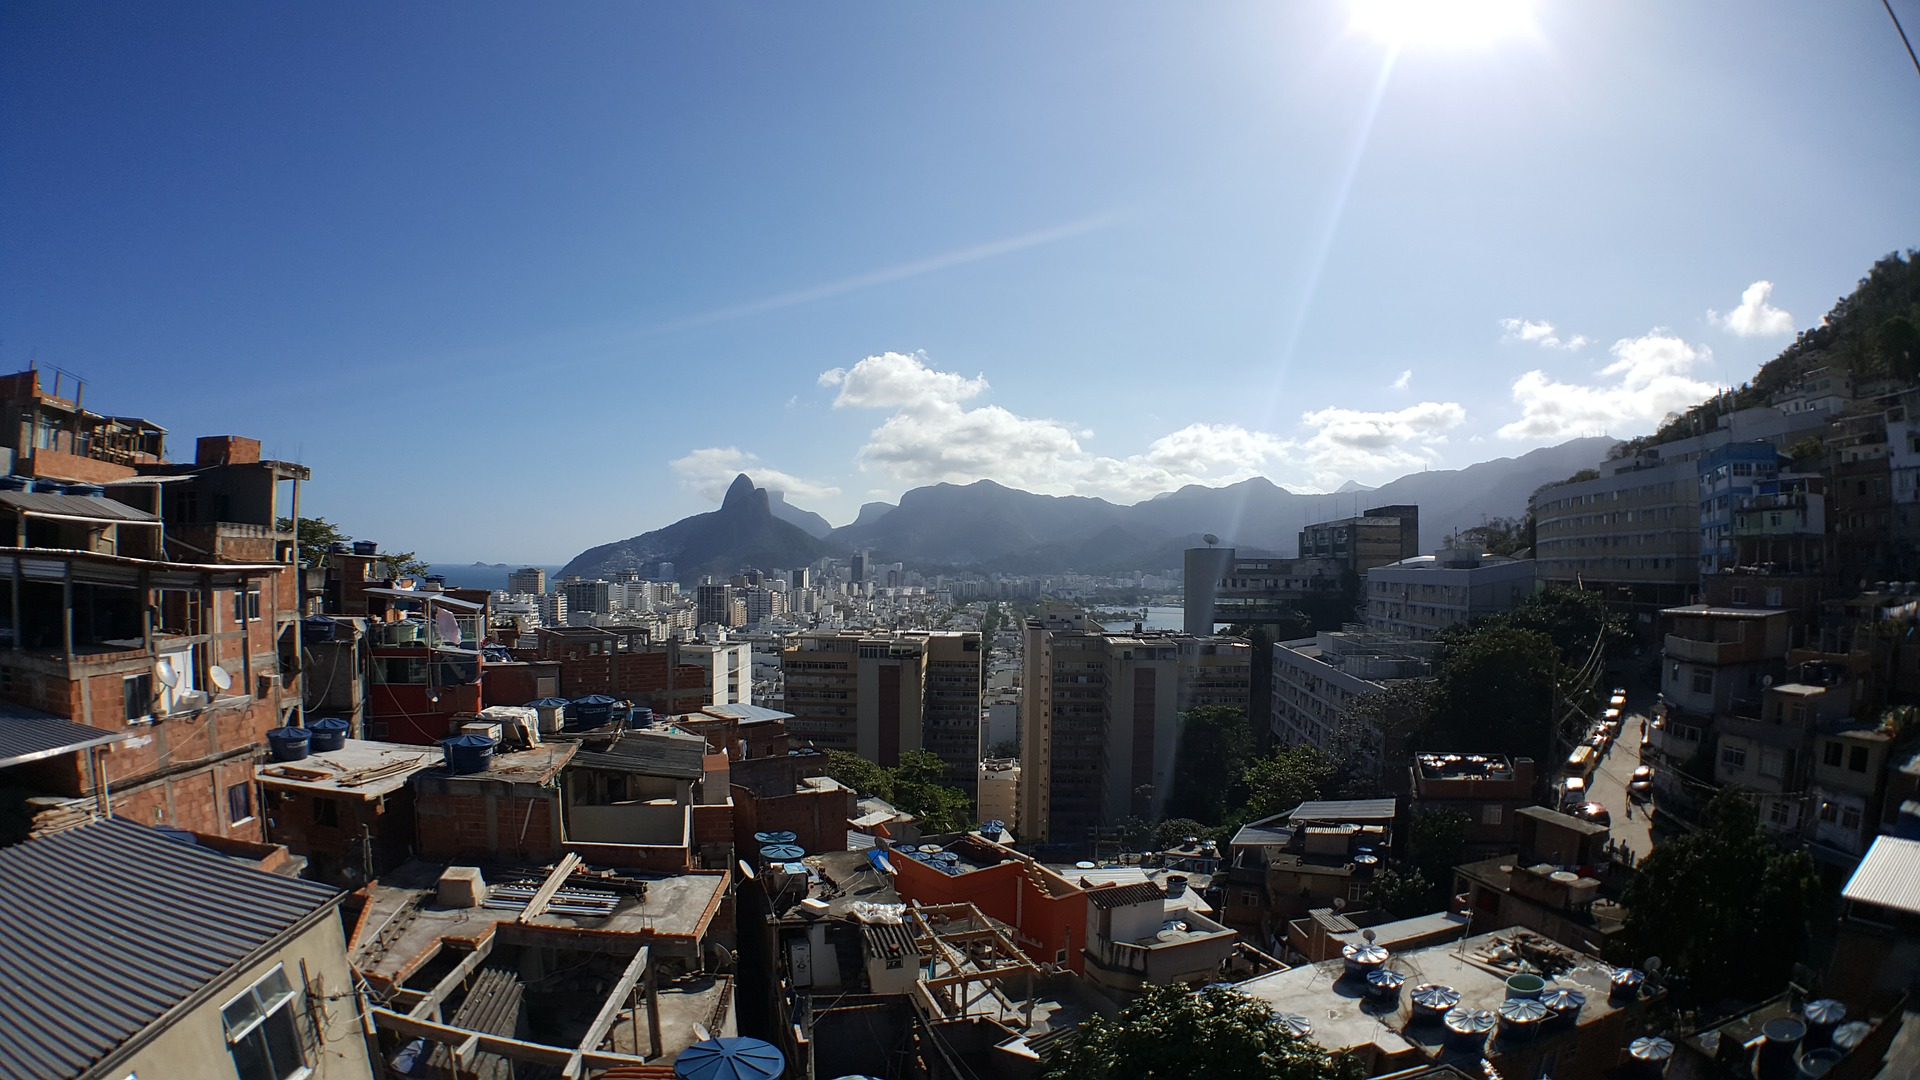 favela-1636534_1920.jpg